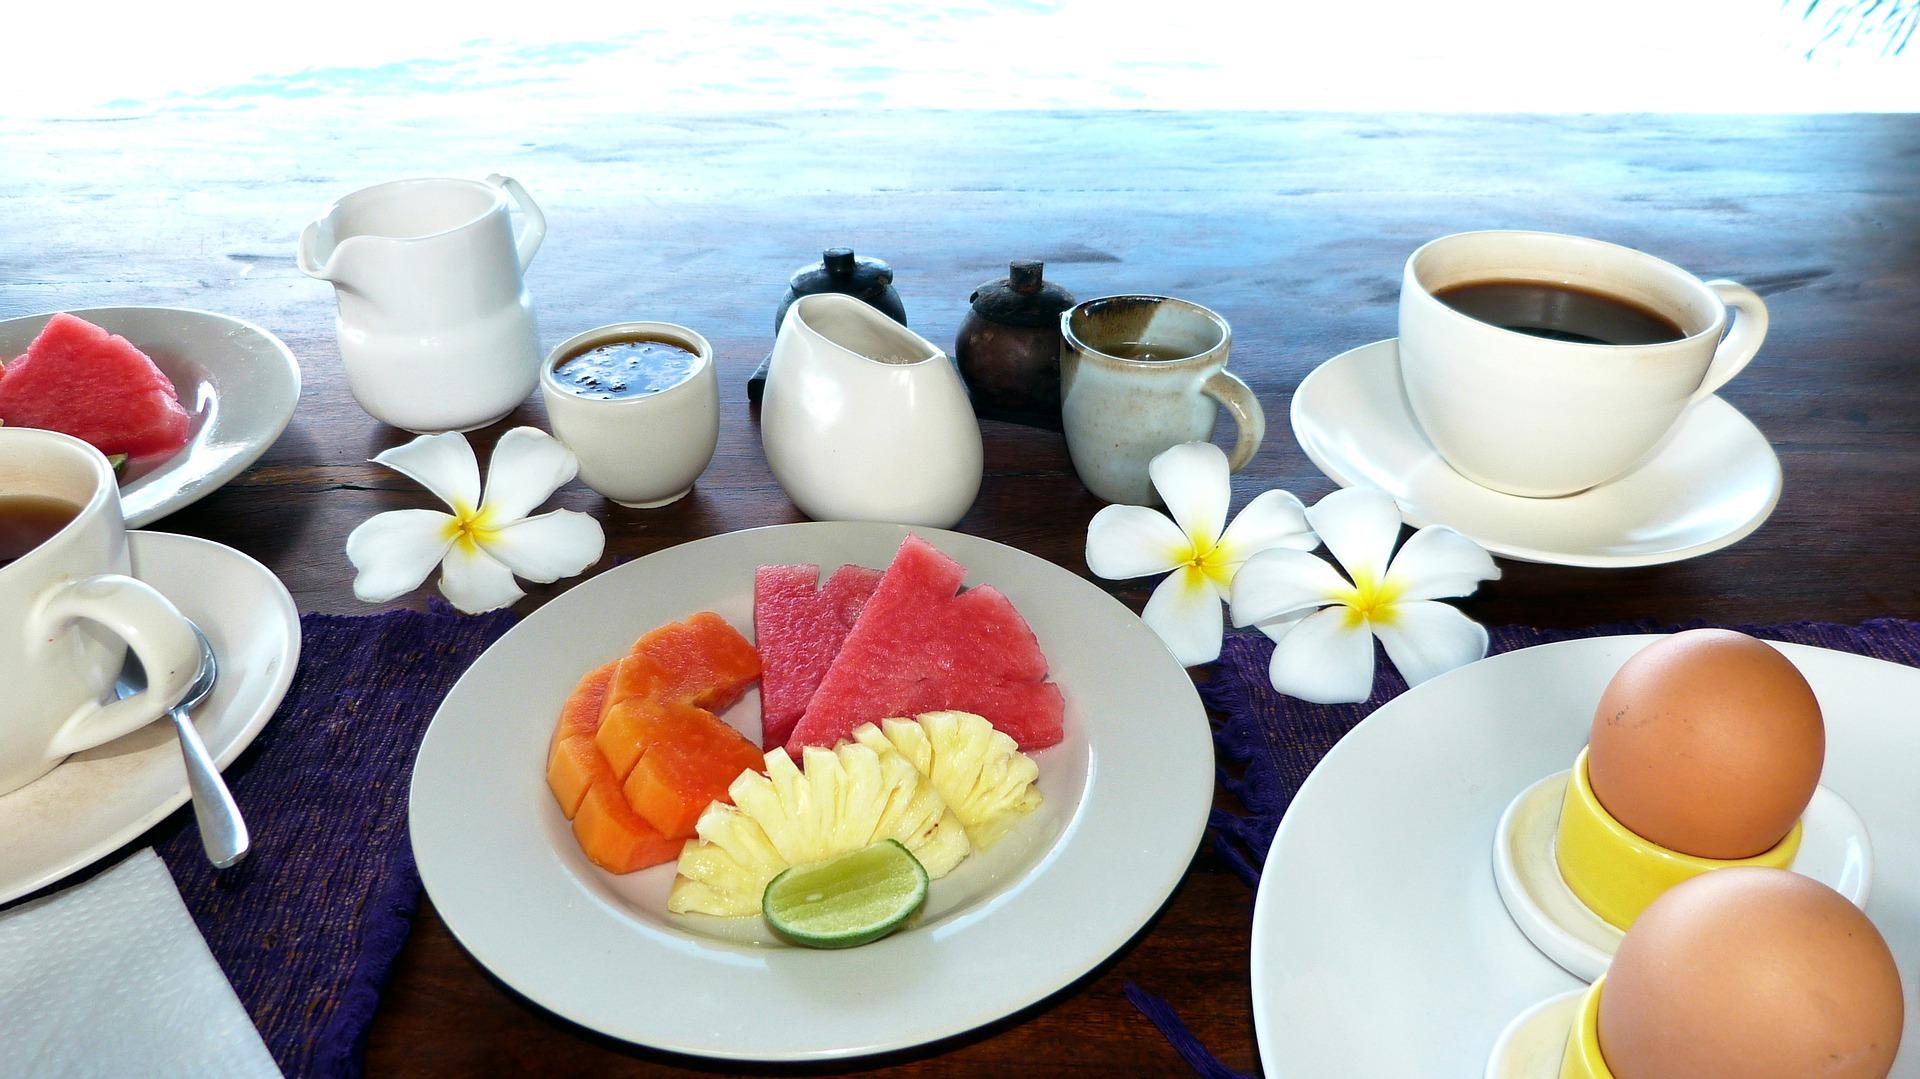 Foto: Kulinářské speciality na Bali se skládají hlavně z ovoce a dalších druhů zeleniny, která je zdravá (Public Domain)